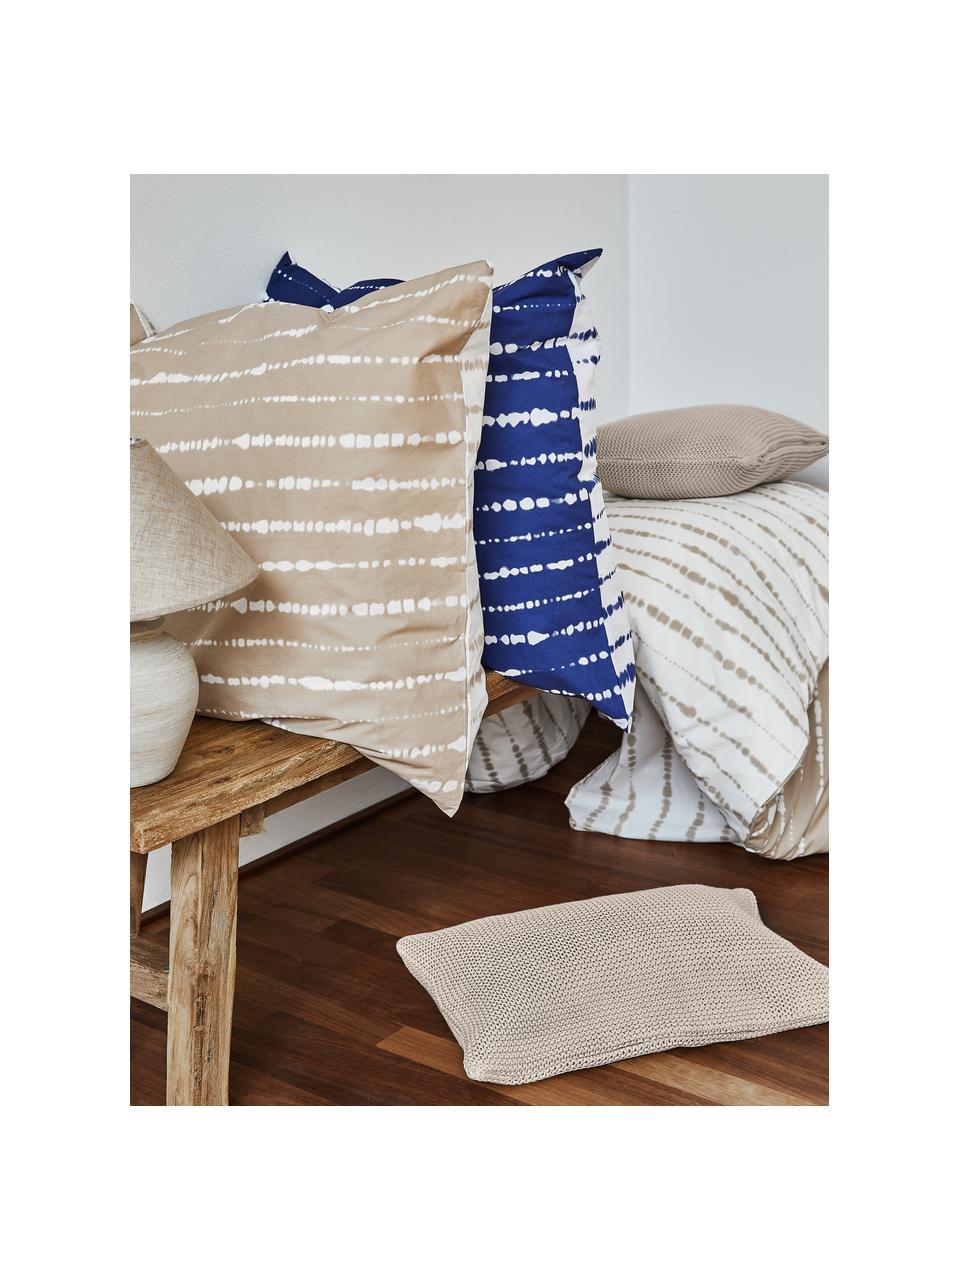 Gebreide kussenhoes Adalyn van biokatoen in beige, 100% biokatoen, GOTS-gecertificeerd, Beige, 50 x 50 cm